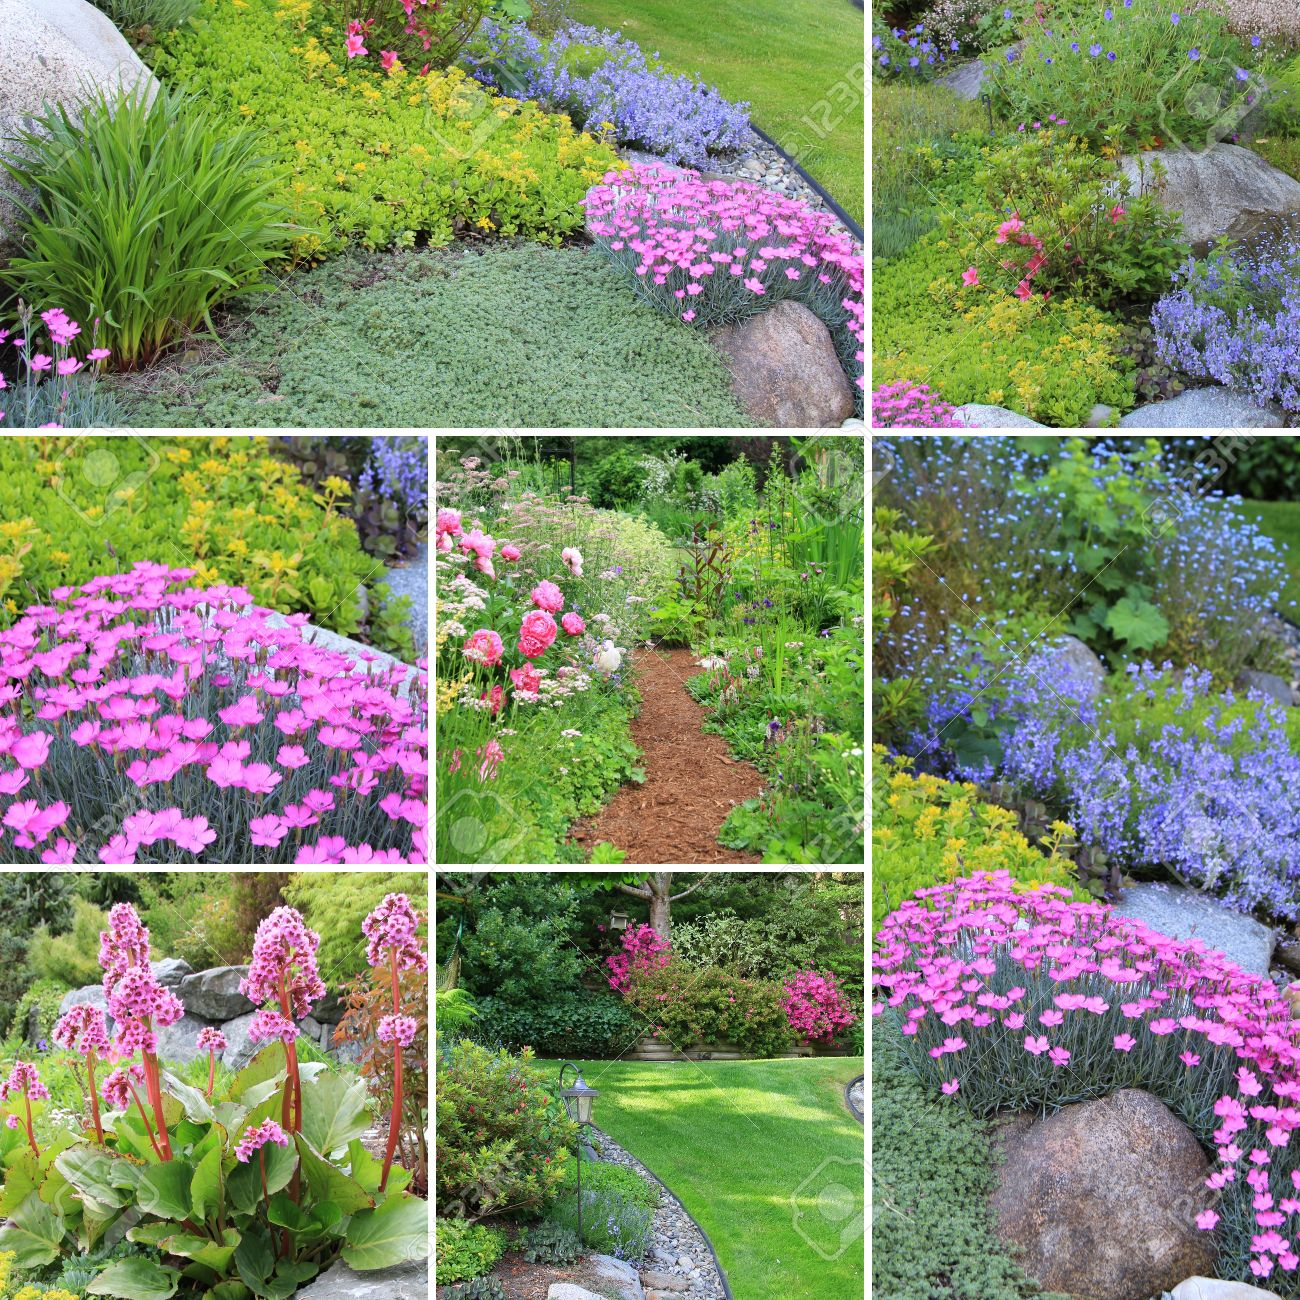 Collage Von Schönen Gärten Im Frühling Lizenzfreie Fotos Bilder